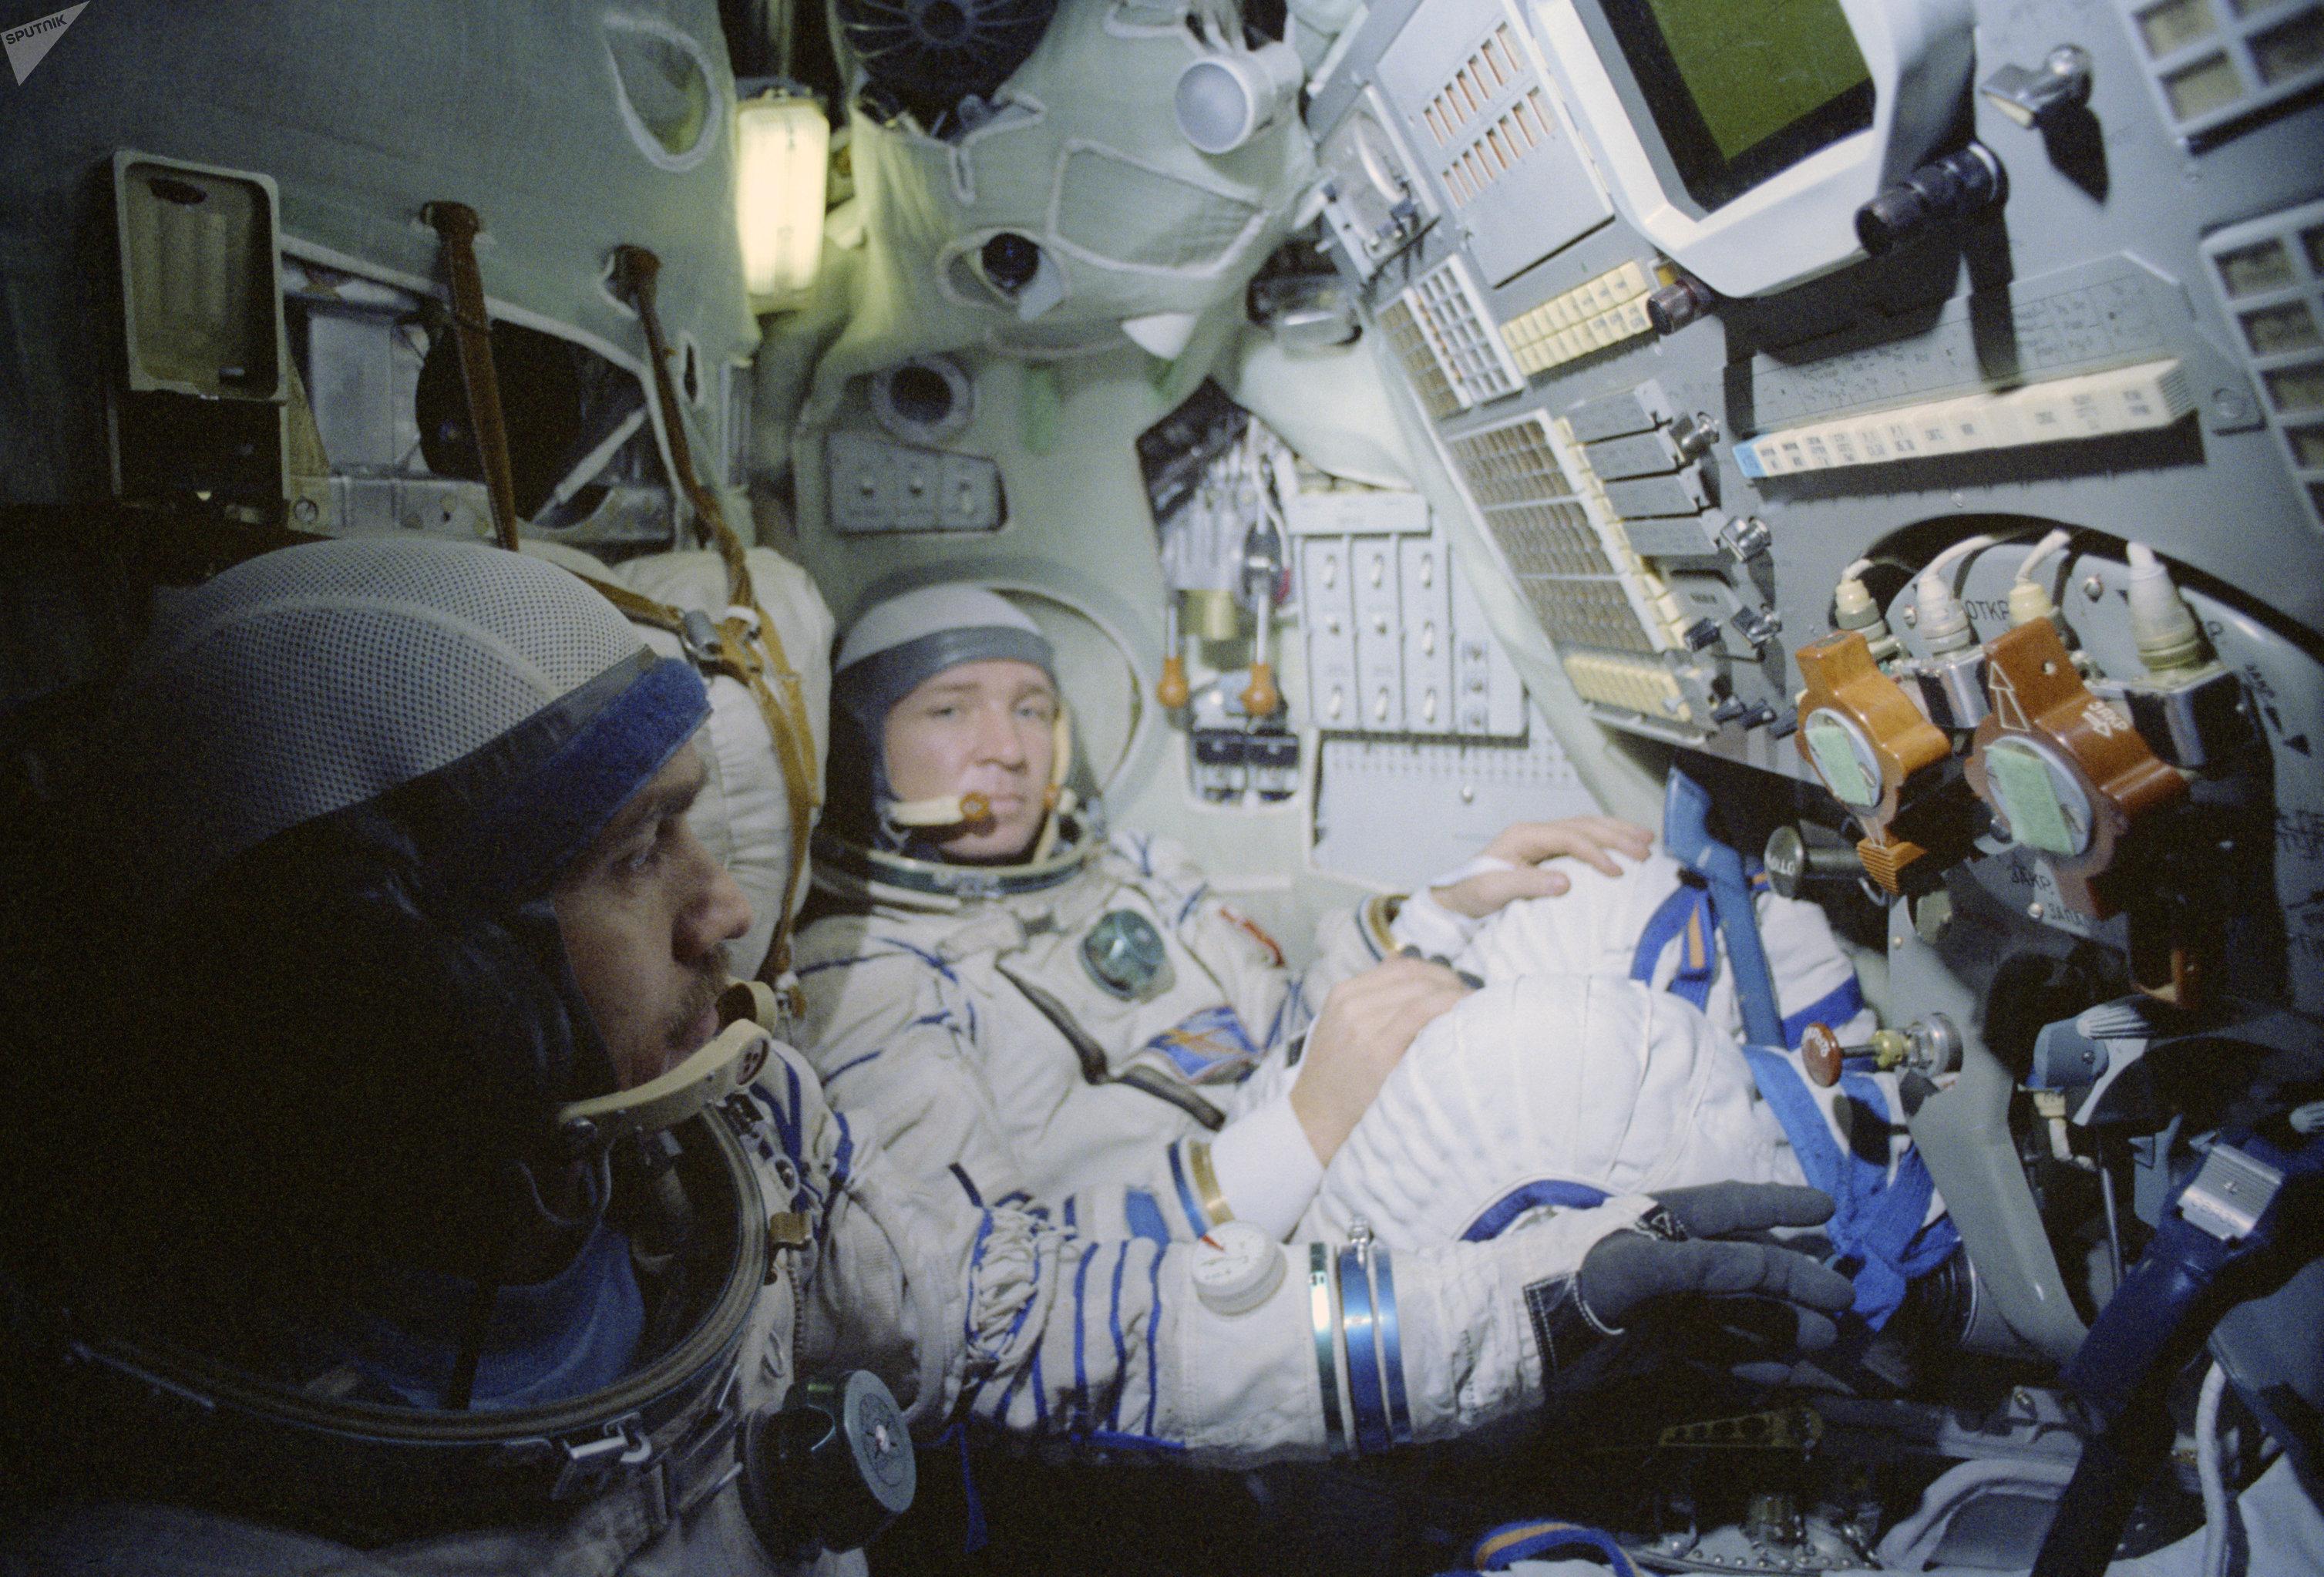 Valentín Lébedev (al fondo), fue un cosmonauta soviético, dos veces Héroe de la Unión Soviética. Ciudadano honorario de múltiples localidades del mundo, incluyendo Fort Worth en Texas. Hoy día ejerce como científico y en 2000 se convirtió en el primer cosmonauta en ingresar a la Academia de Ciencias de Rusia.